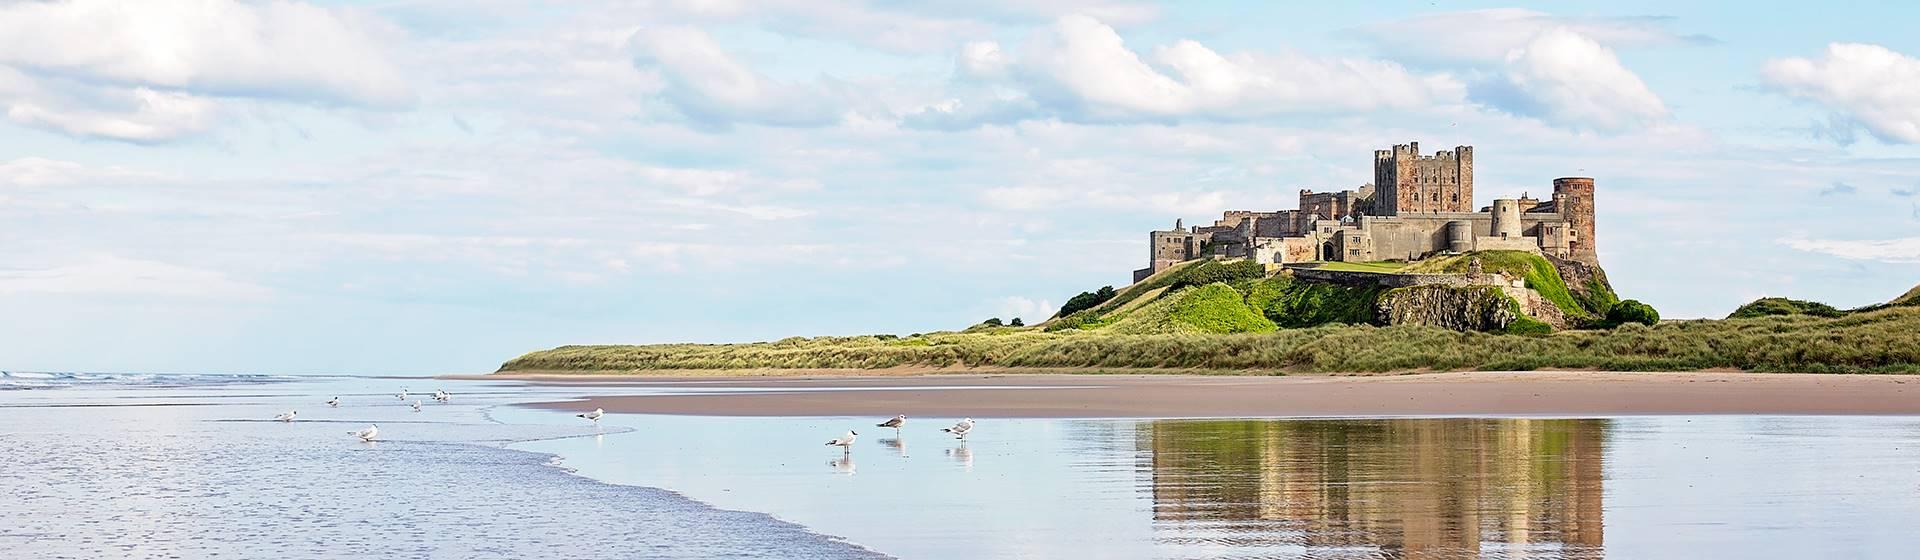 Northumberland Coast: Holy Isle, Durham & Bamburgh